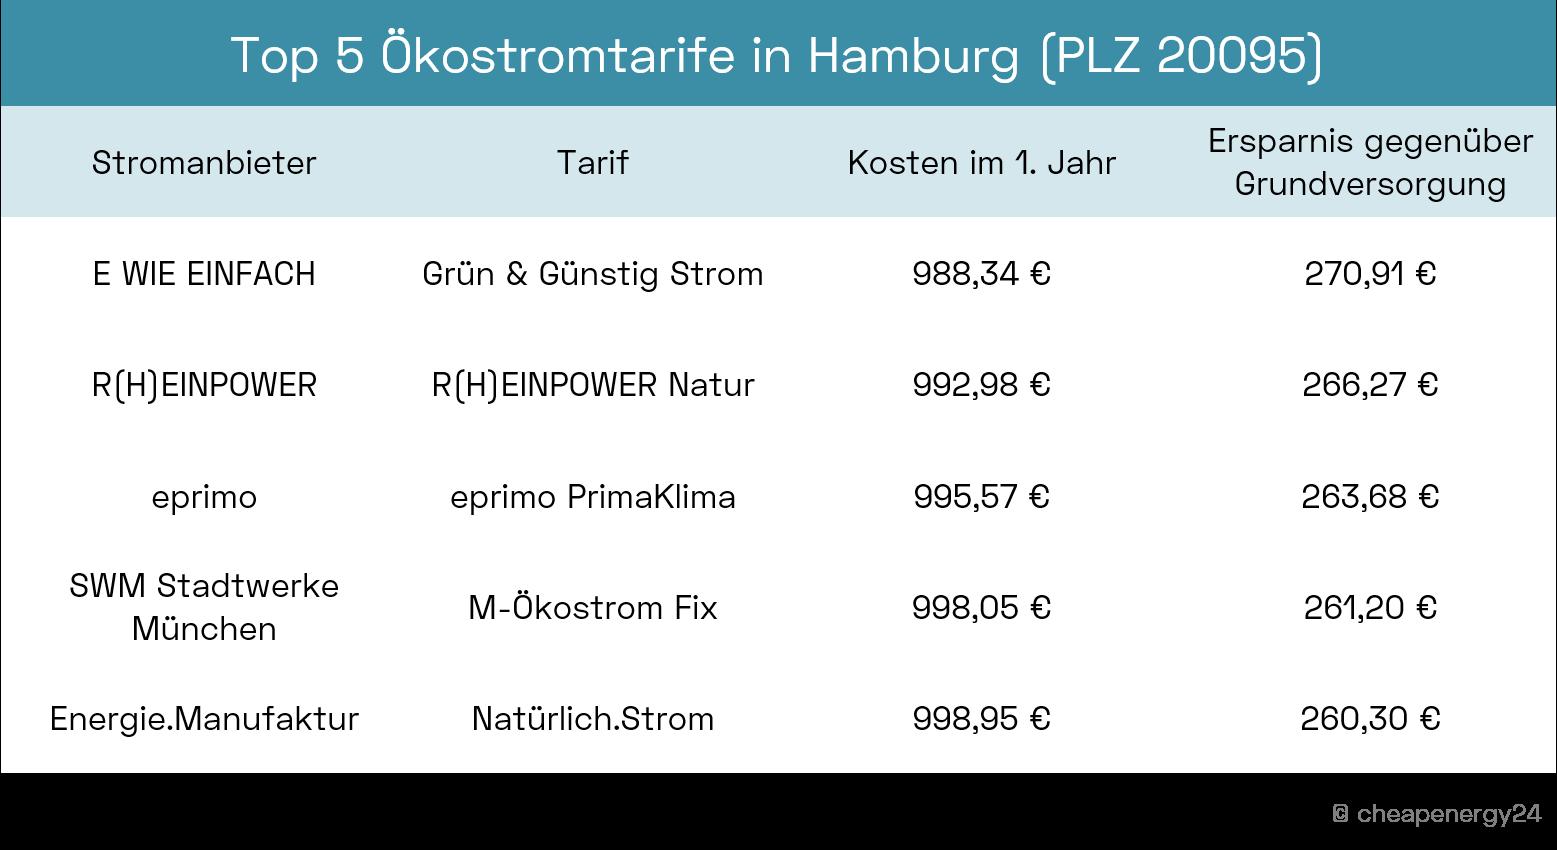 Top 5 Ökostromtarife Hamburg